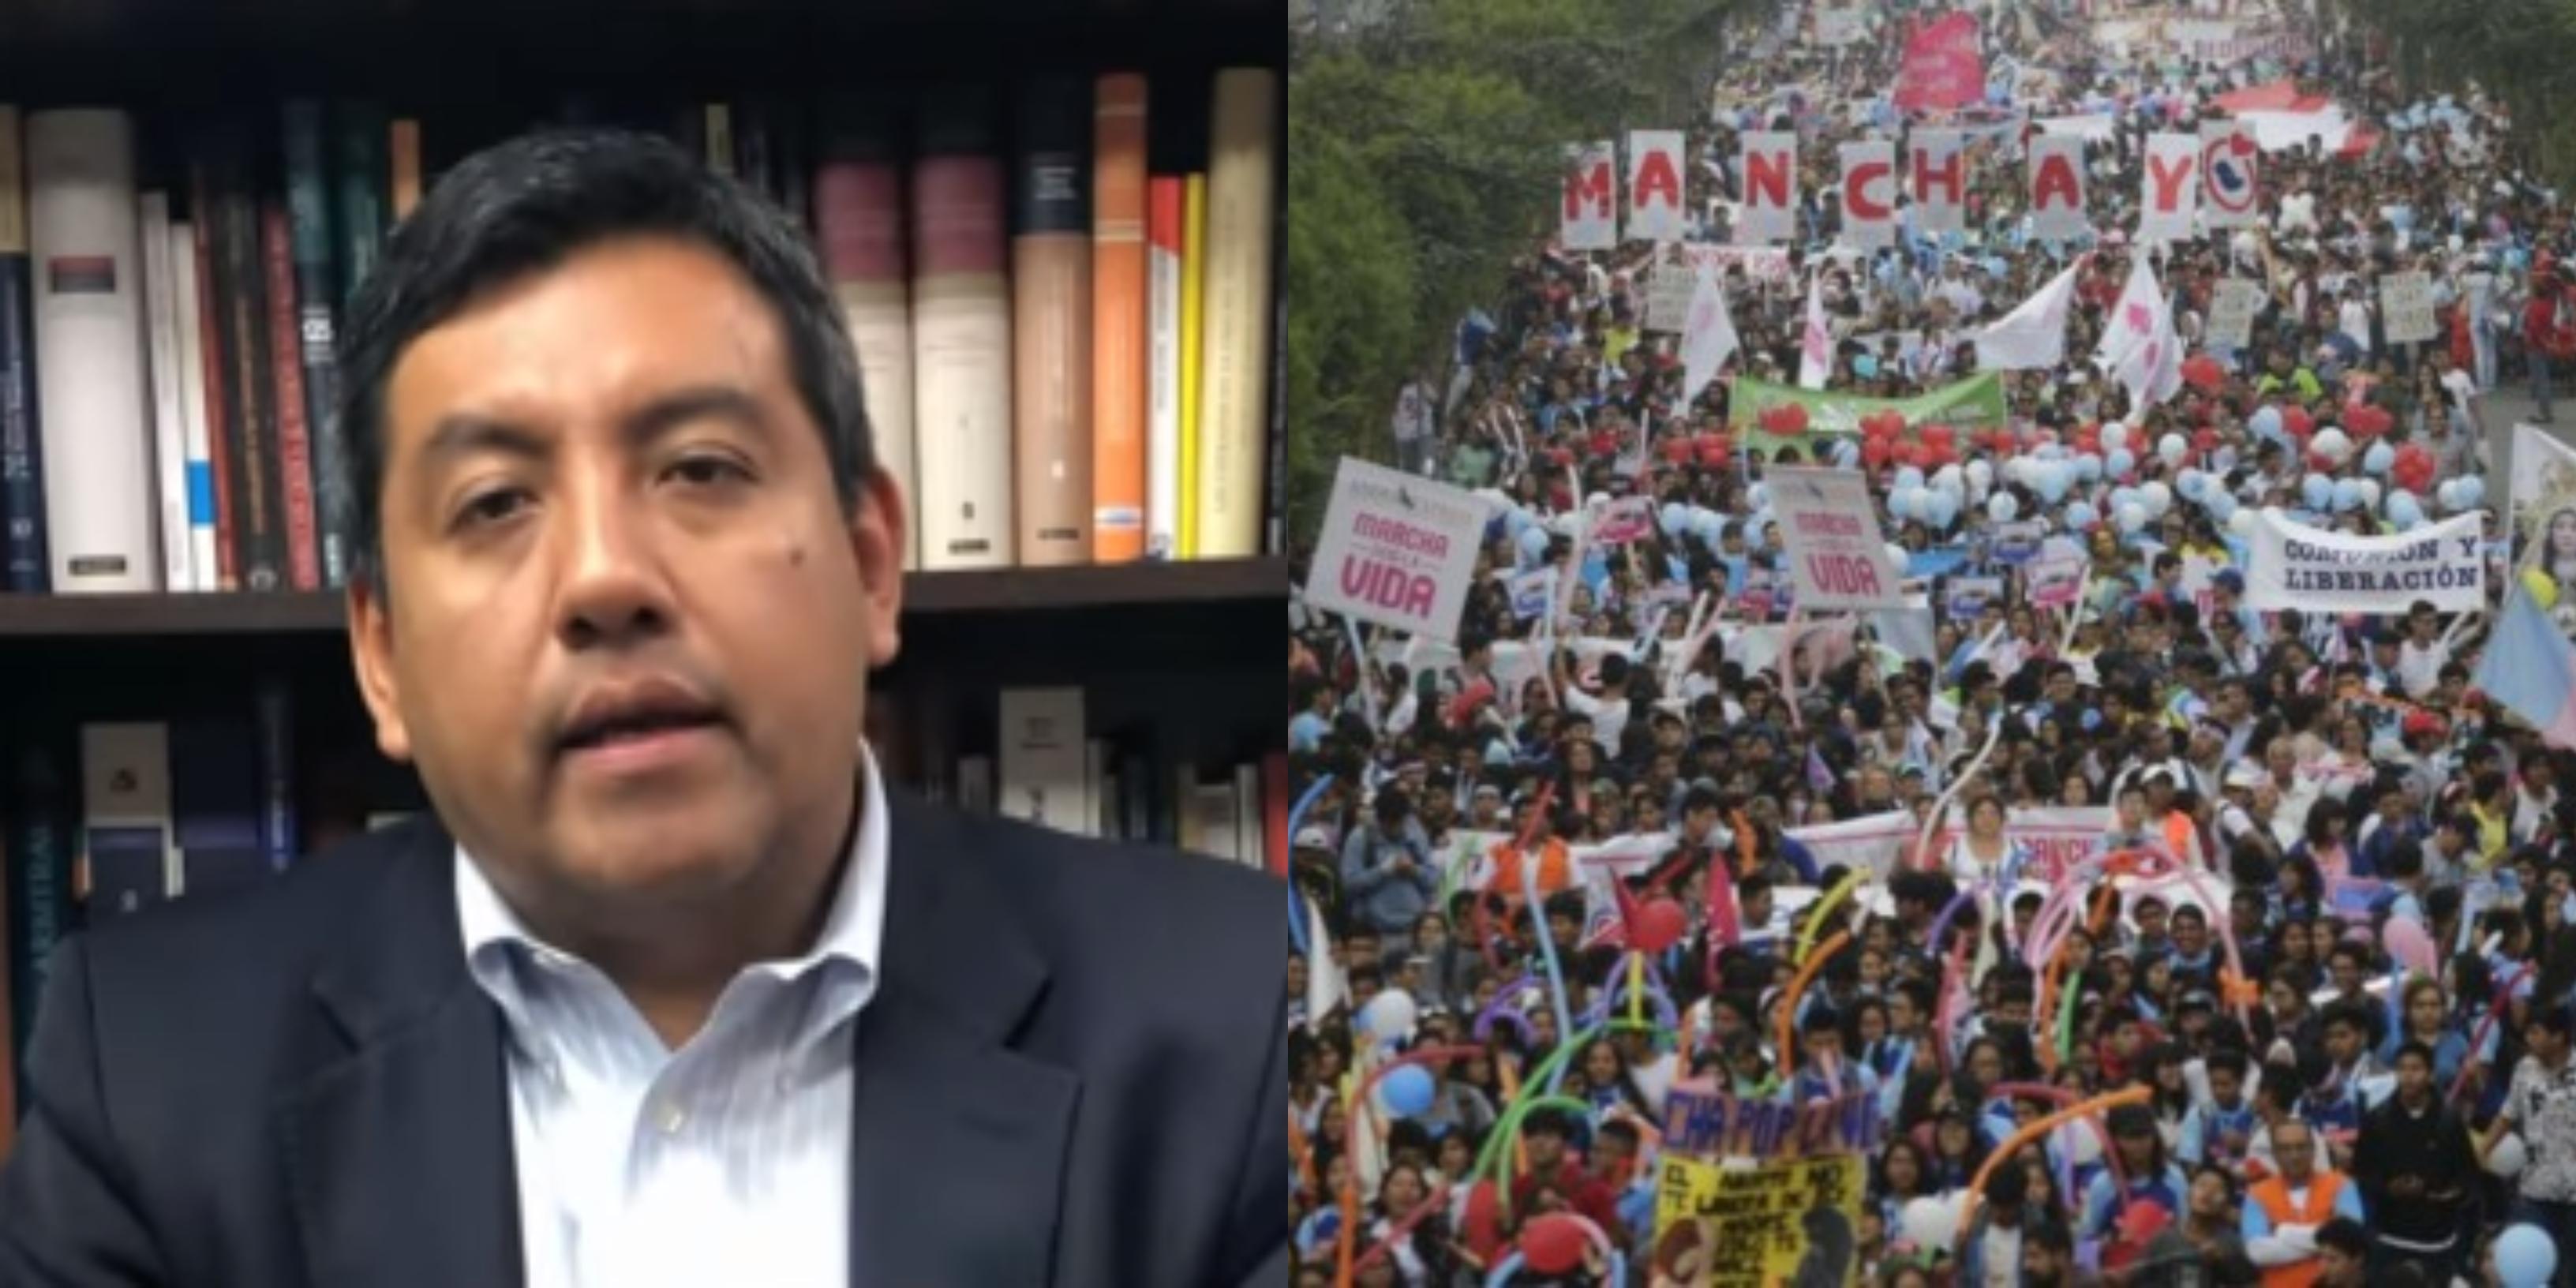 """Martín Santiváñez: """"Las ideologías están moldeando a la civilización moderna"""""""